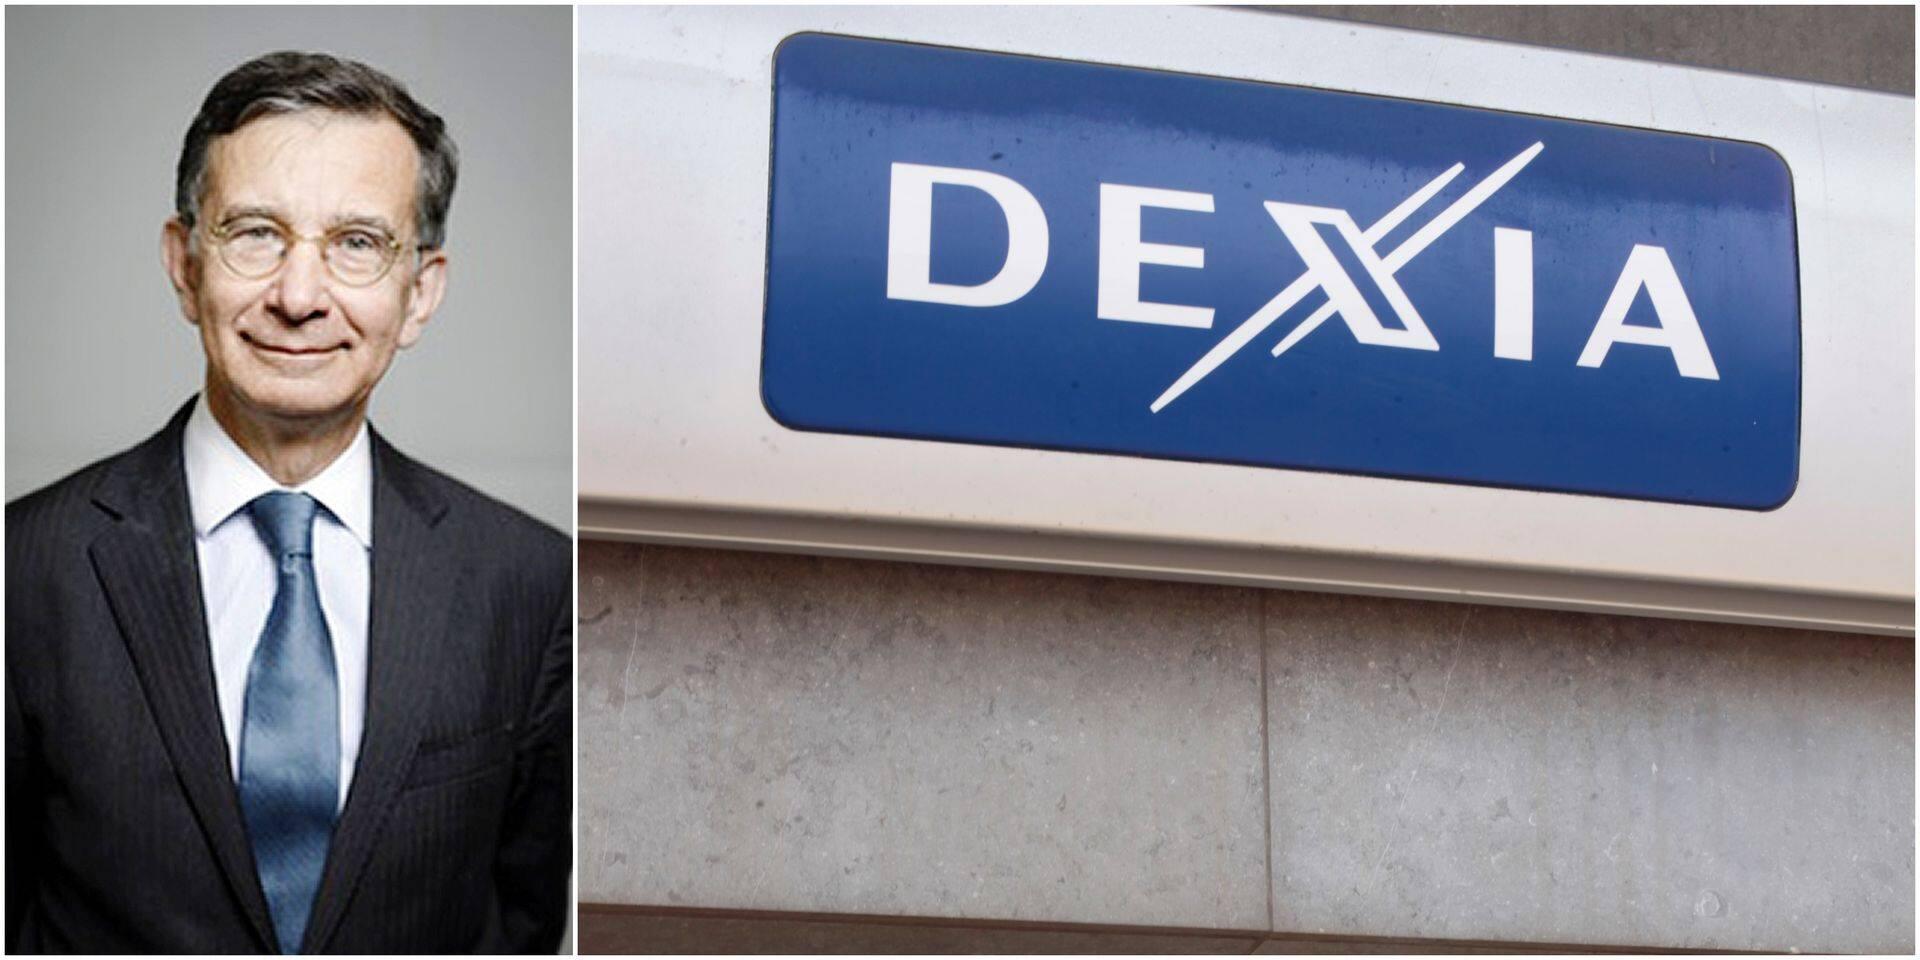 Dexia déboursera 250 000 euros pour son président